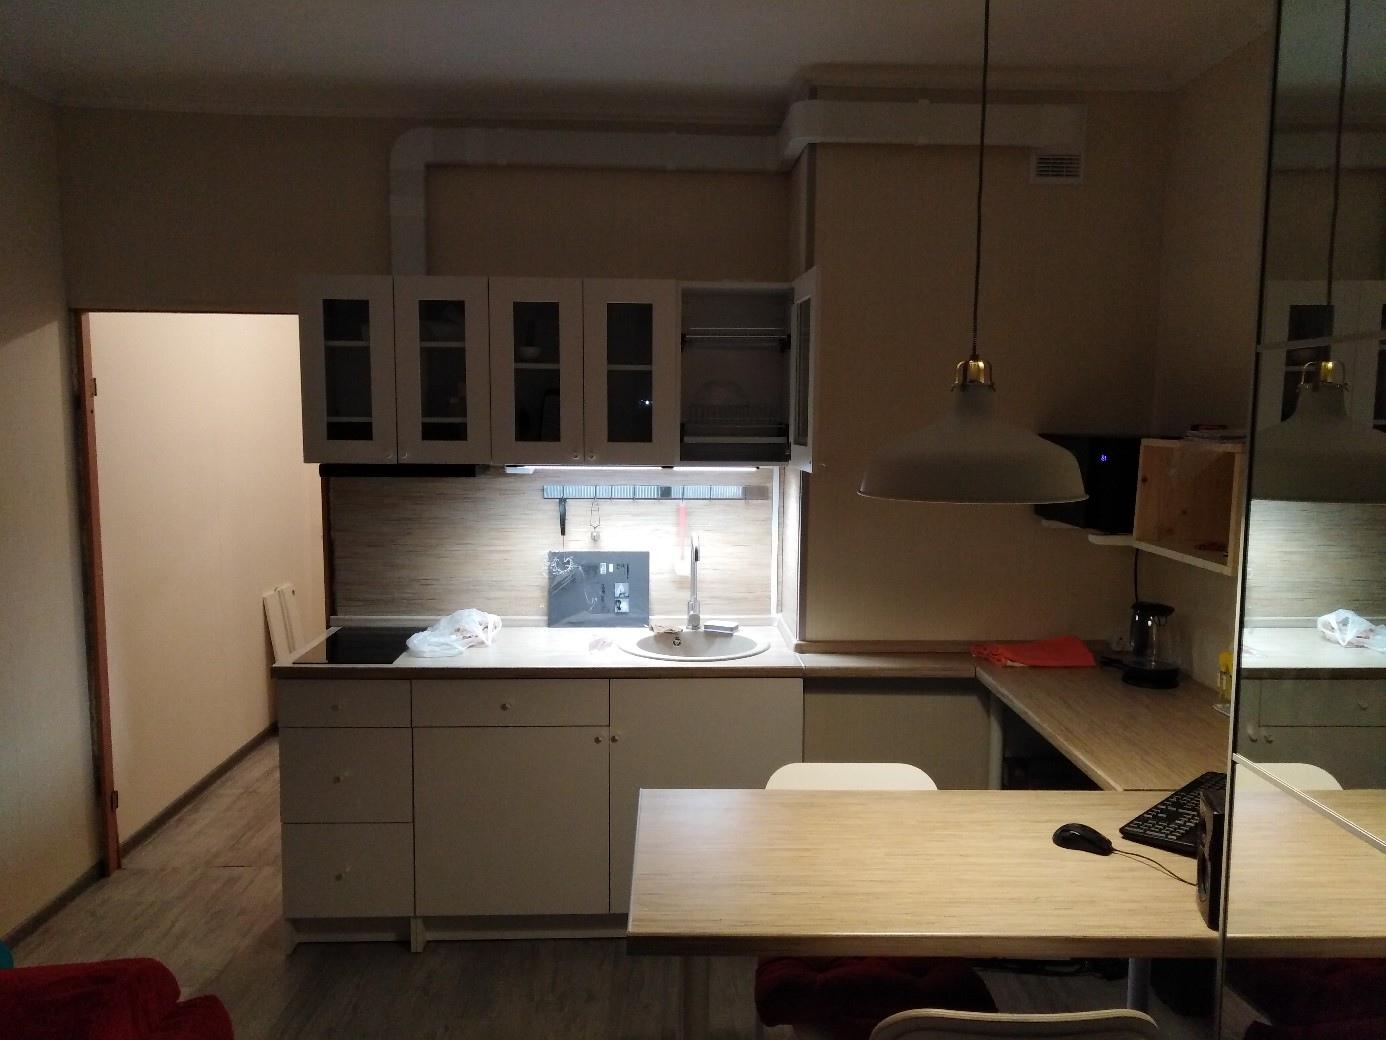 Не так красиво, как на пустых рендерах без мебели и наполнения, но такова жизнь) Студия, 22 кв.